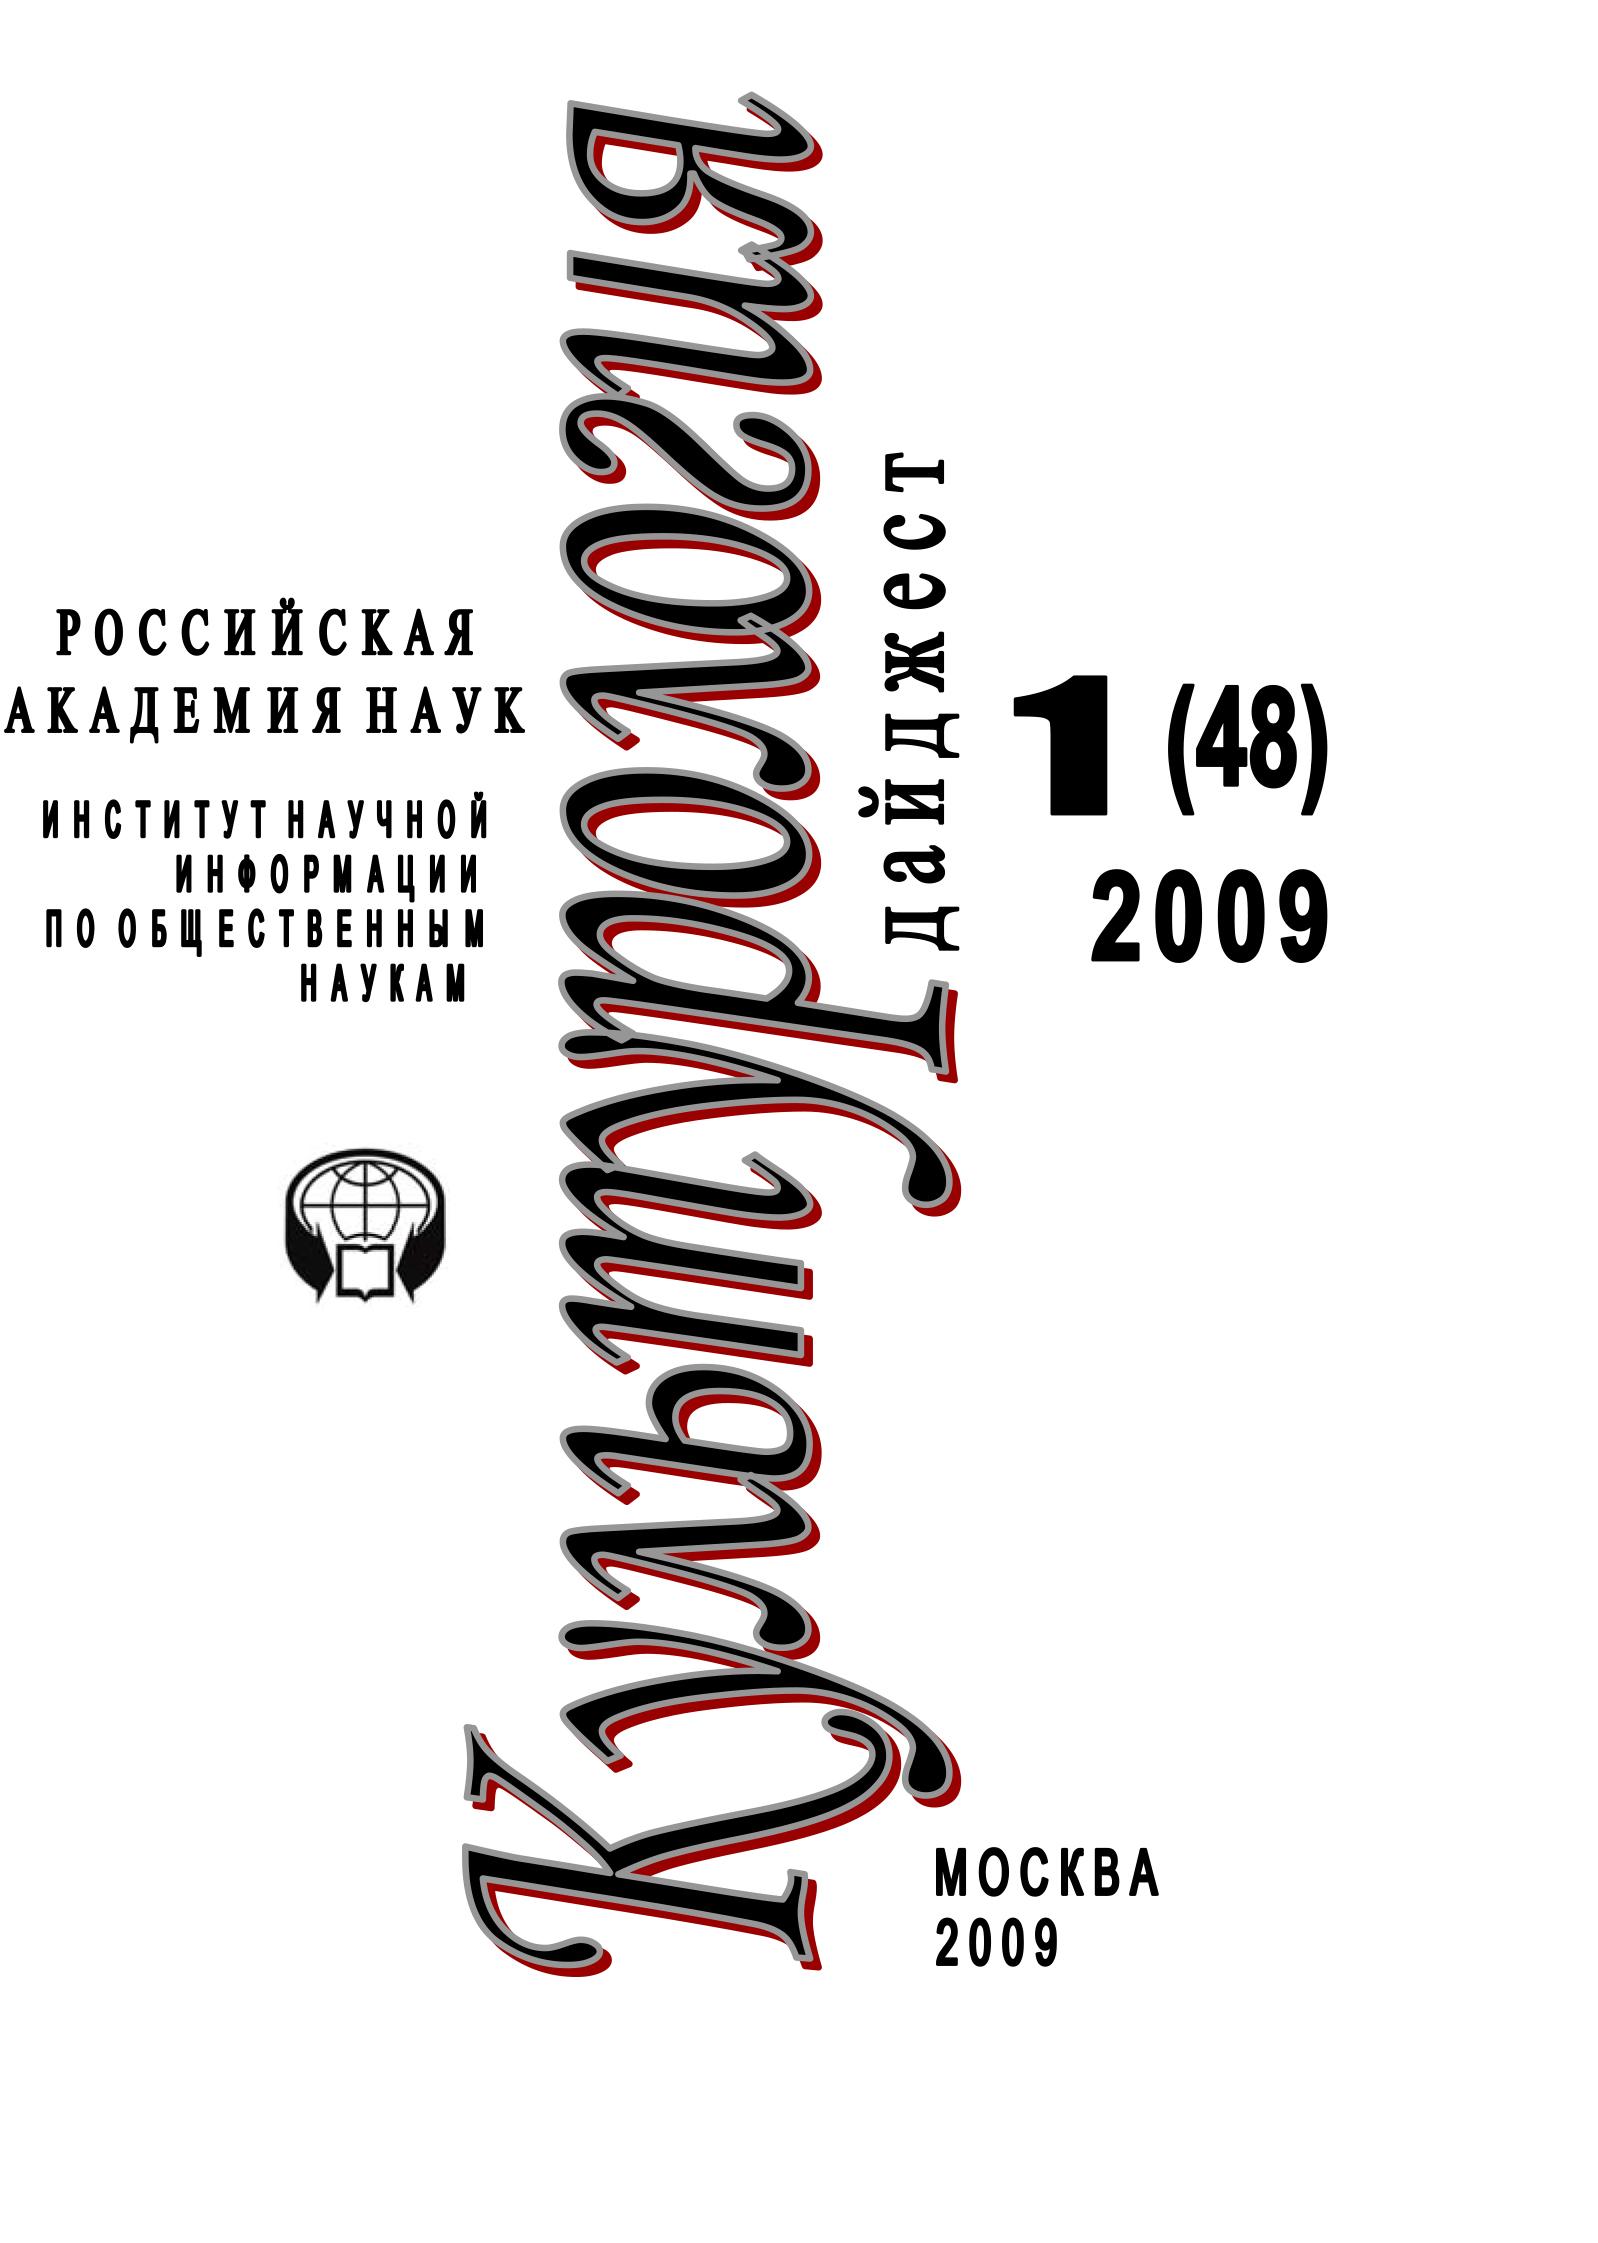 Ирина Галинская Культурология: Дайджест №1 / 2009 философия и культура 1 2008